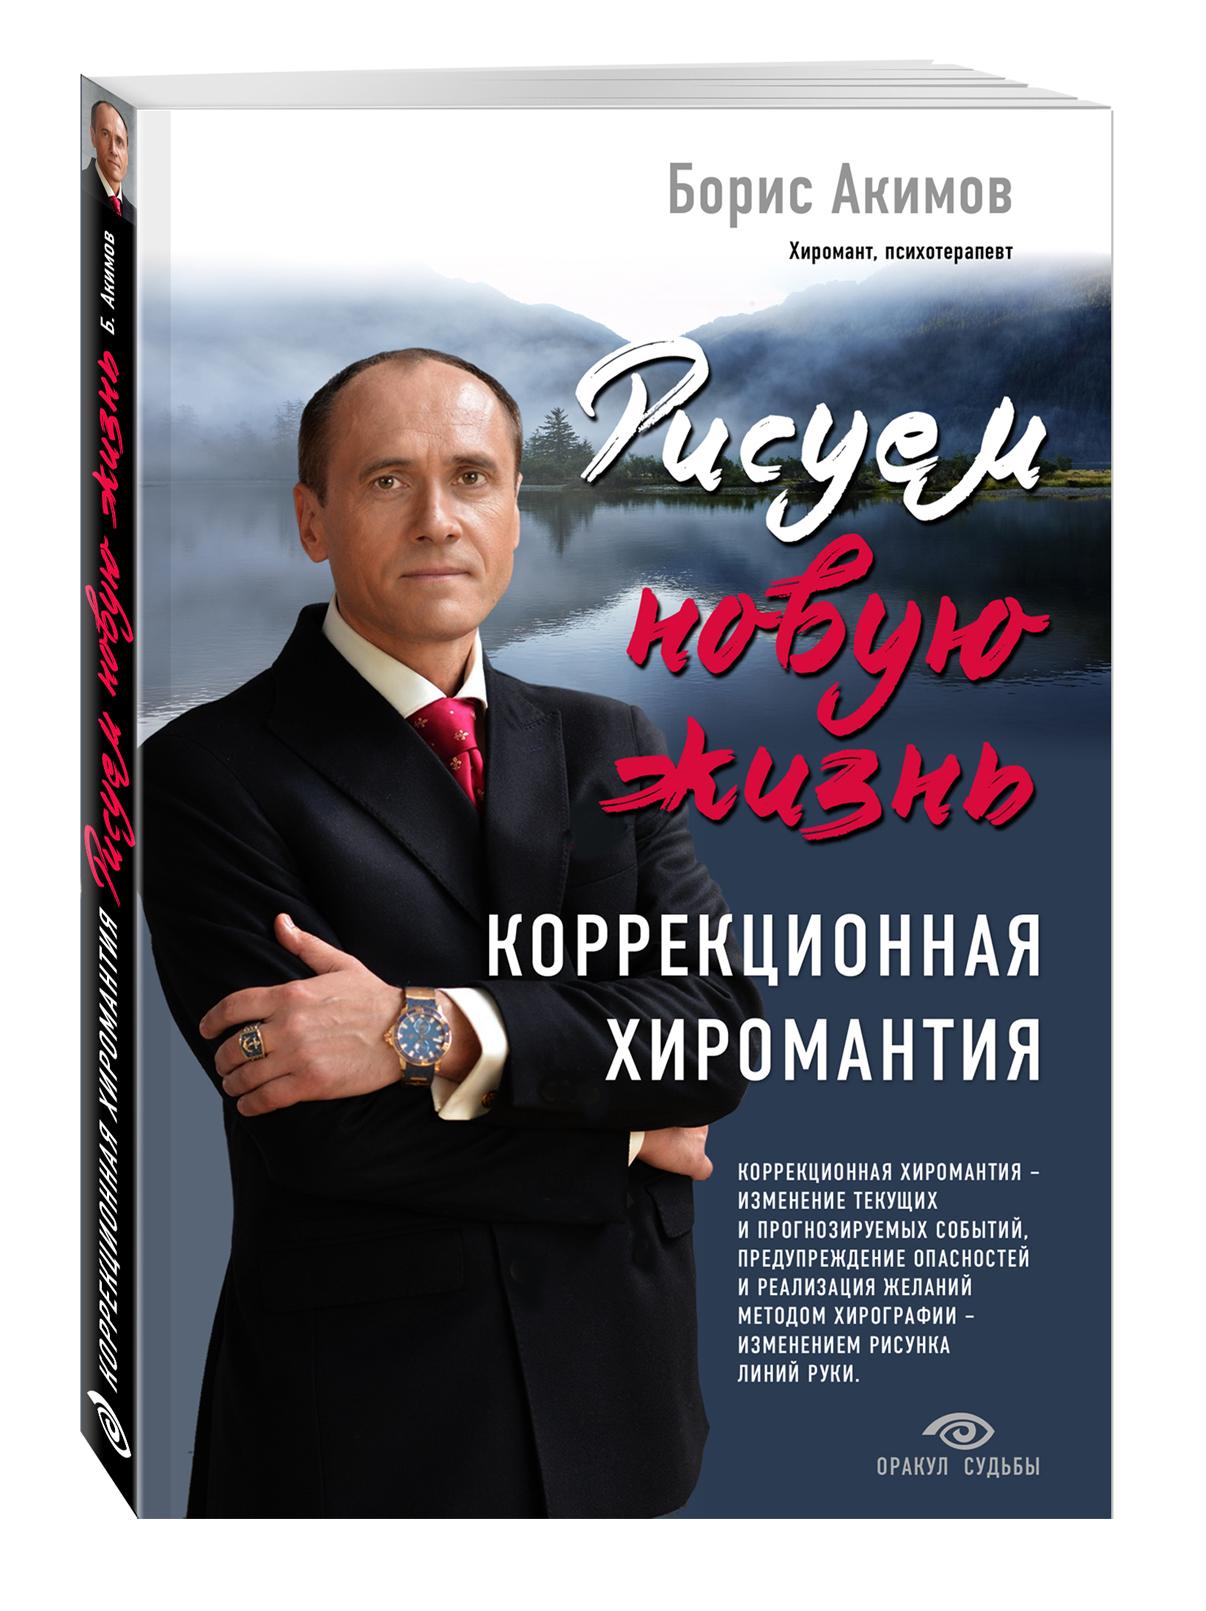 Борис Акимов Коррекционная хиромантия. Рисуем новую жизнь